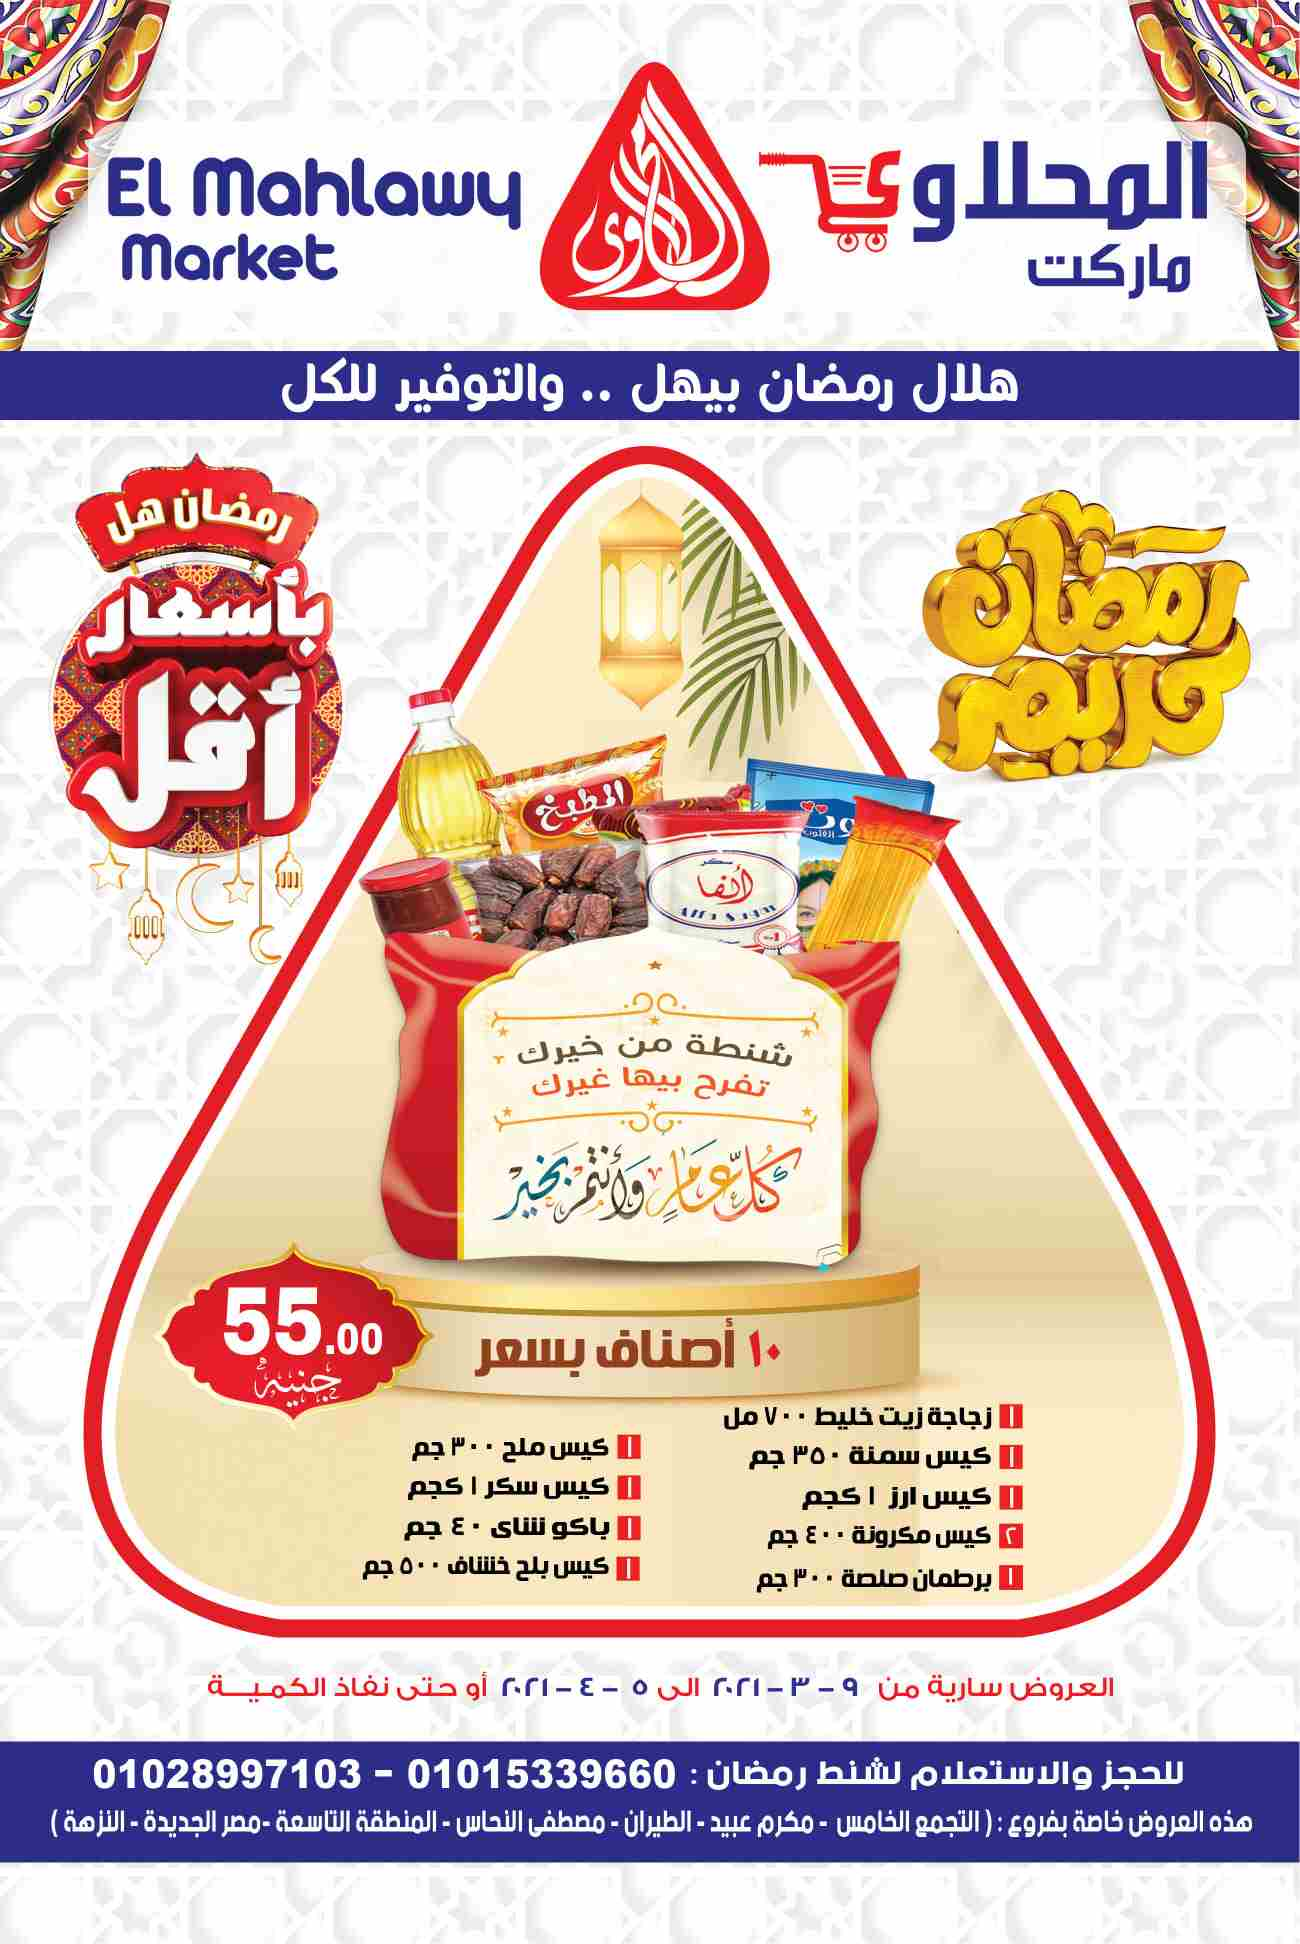 عروض المحلاوى من 9 مارس حتى 5 ابريل 2021 عروض رمضان